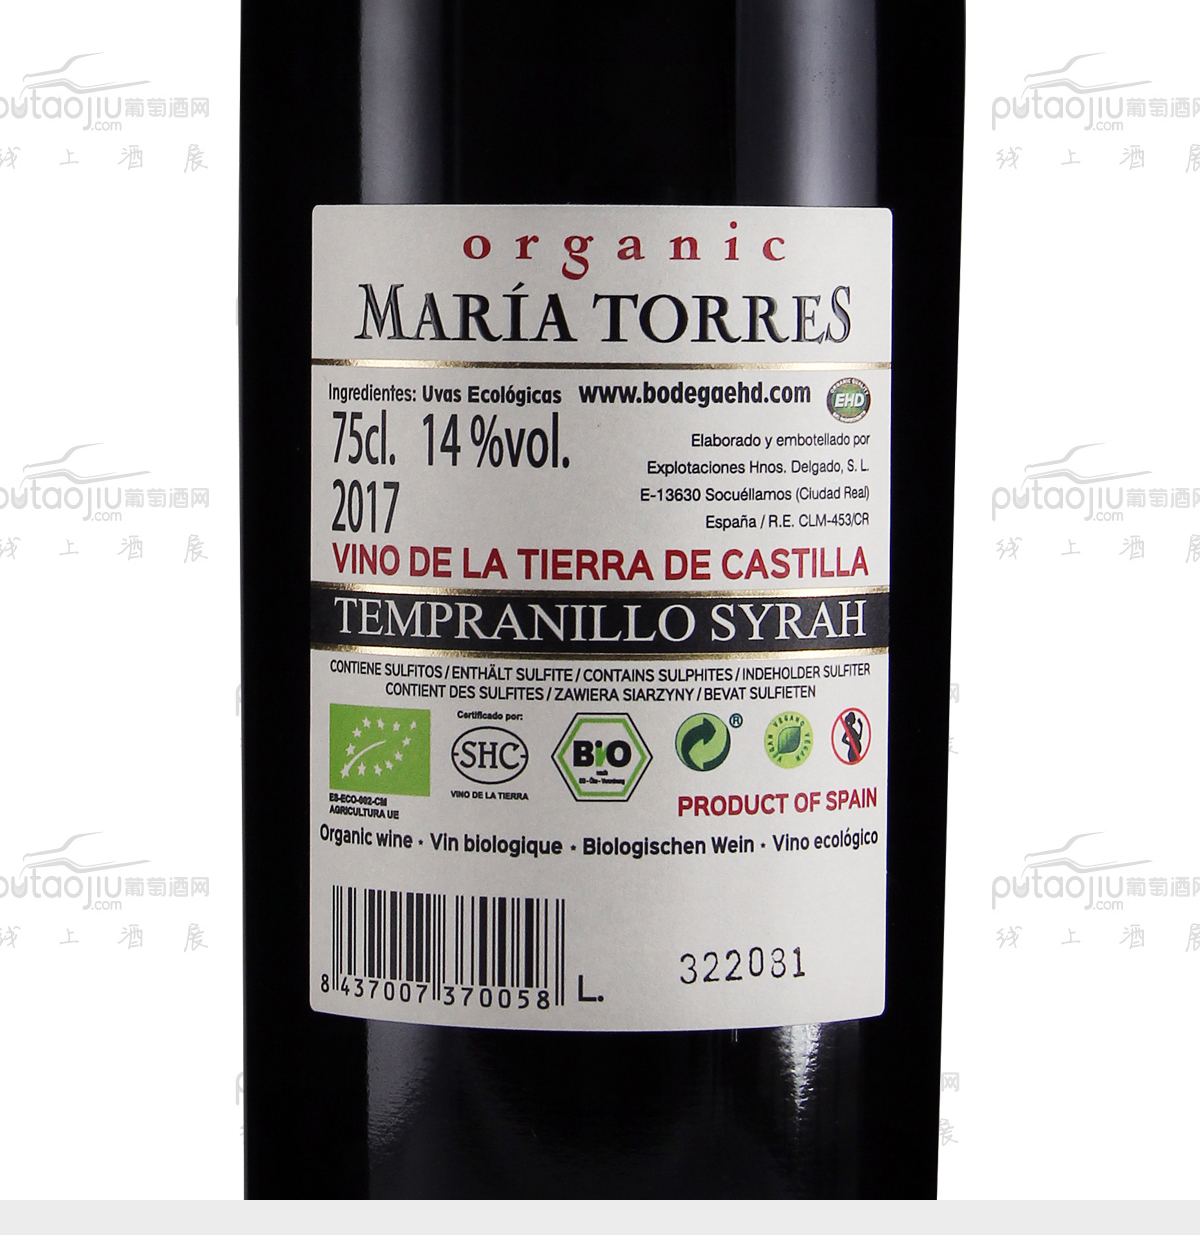 西班牙拉曼恰德尔加多兄弟酒庄西拉丹魄玛丽亚托雷斯干红葡萄酒